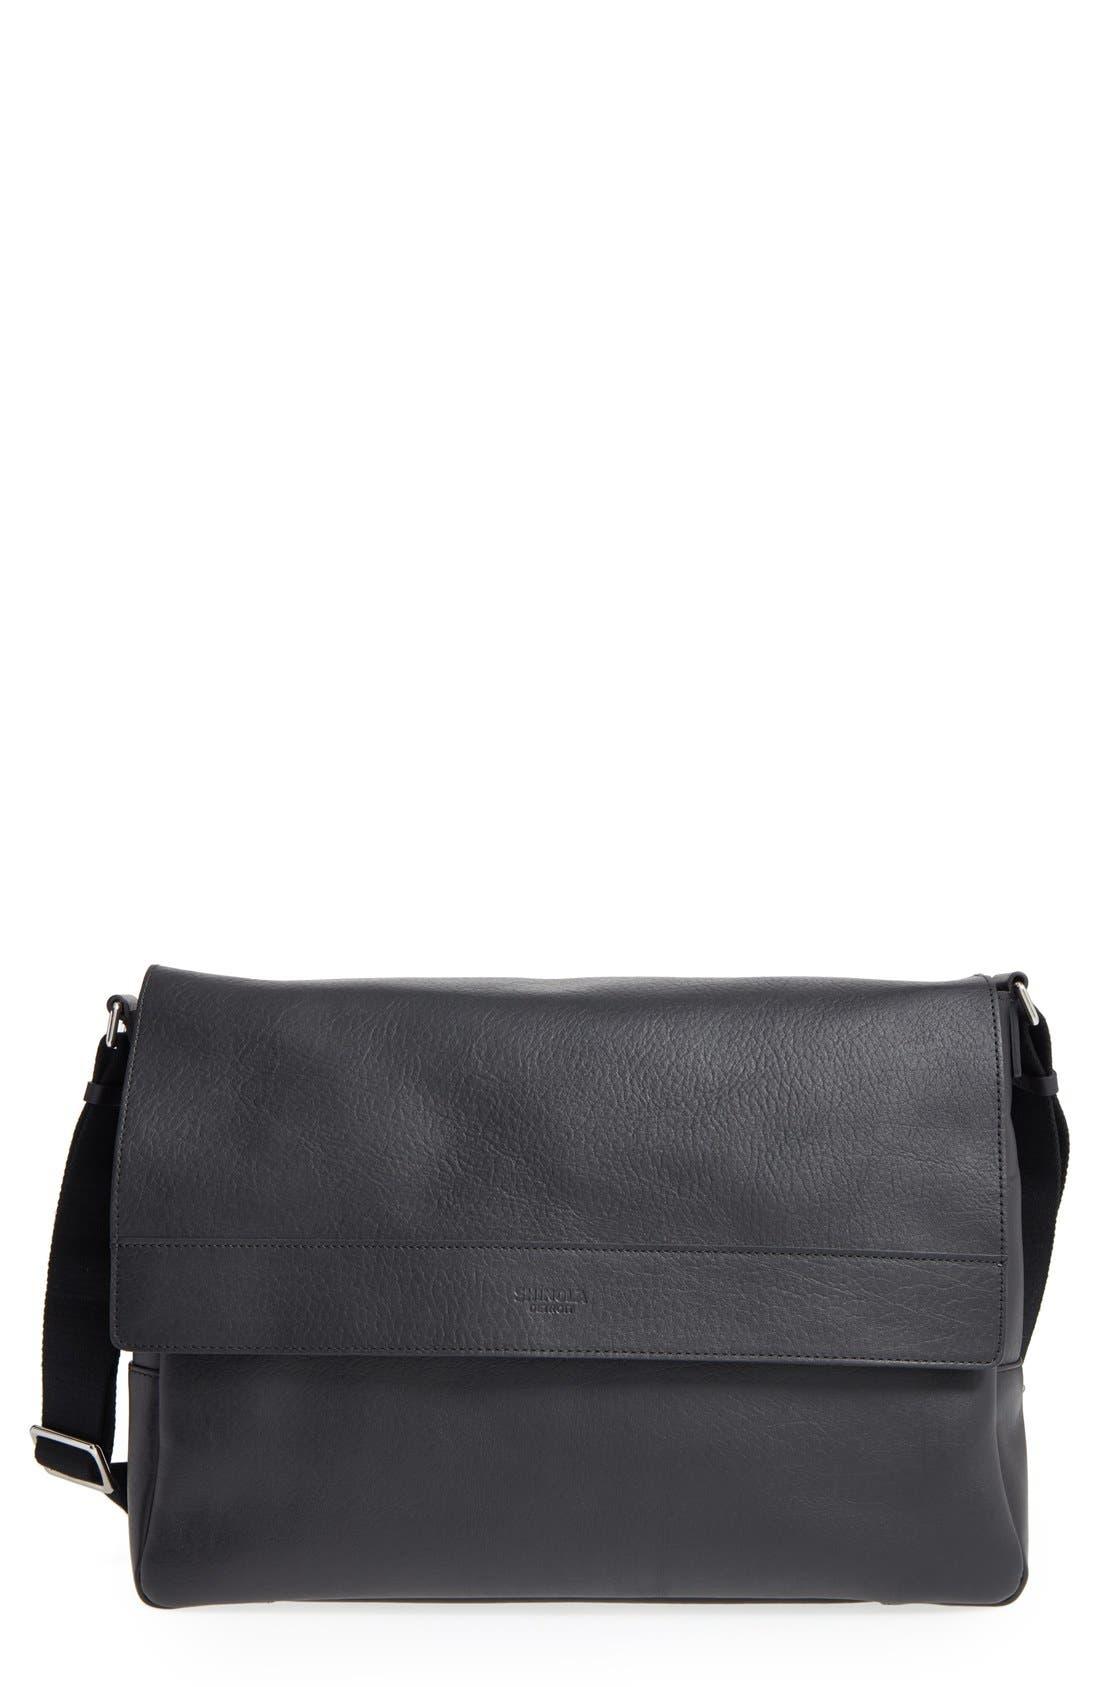 East/West Messenger Bag,                         Main,                         color, 001